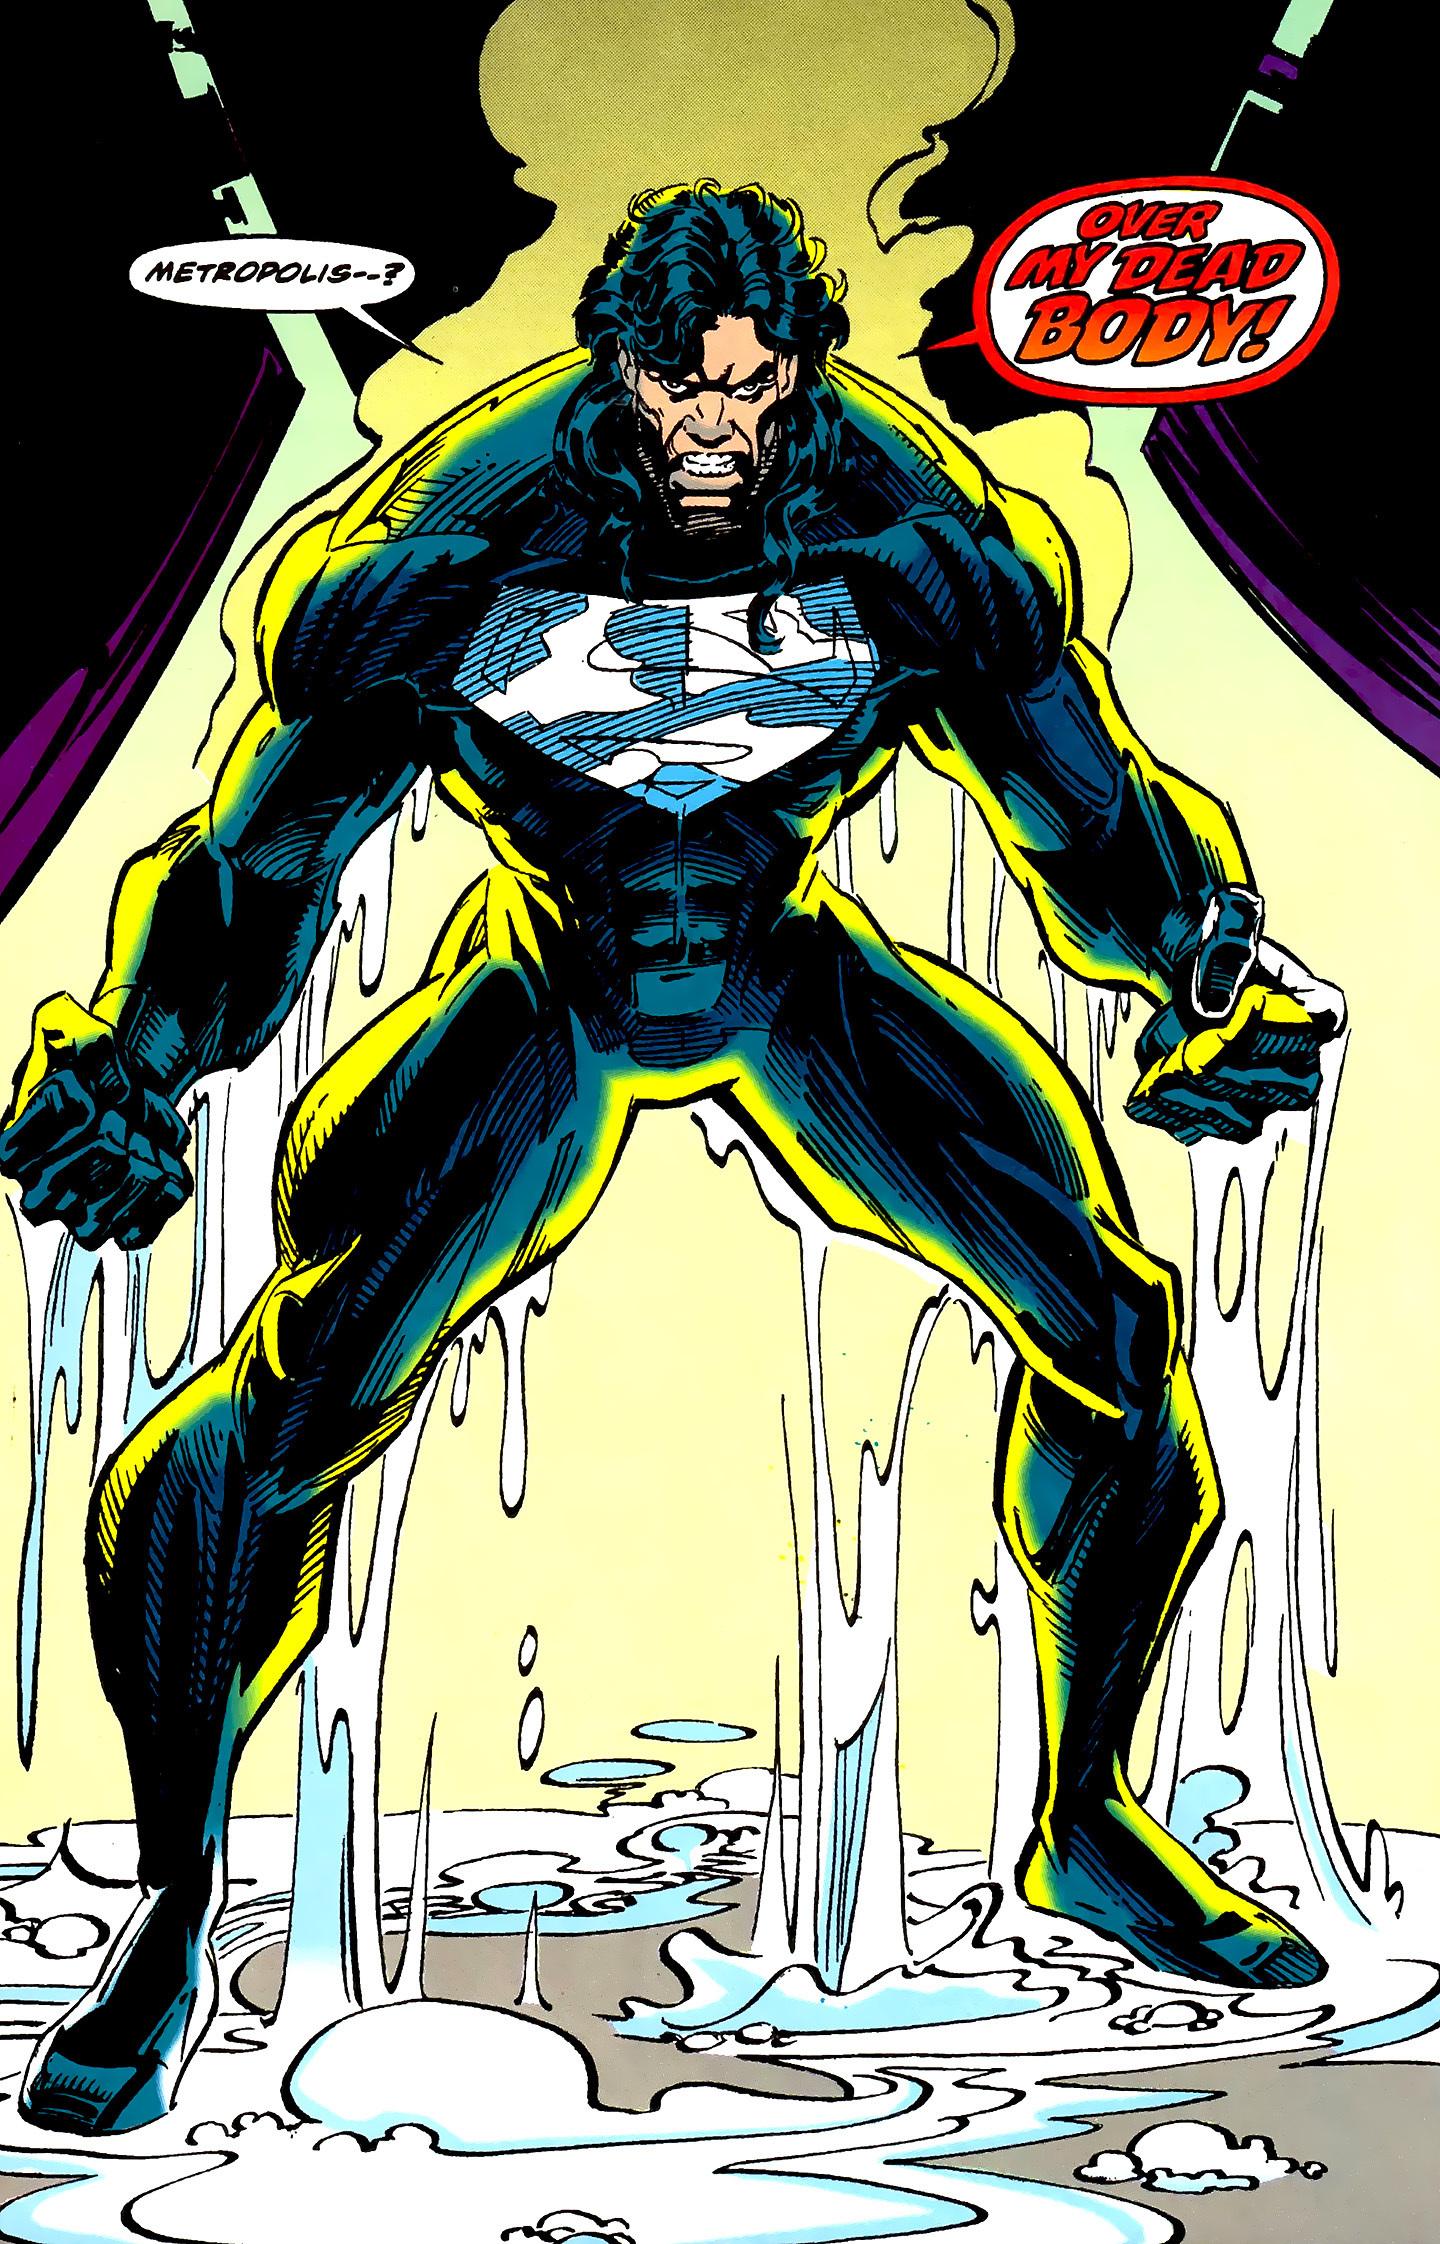 """superman in his black recovery suit from reign of the supermen - Dan Jurgens opina sobre el traje negro de Superman en la """"Liga de la Justicia"""""""